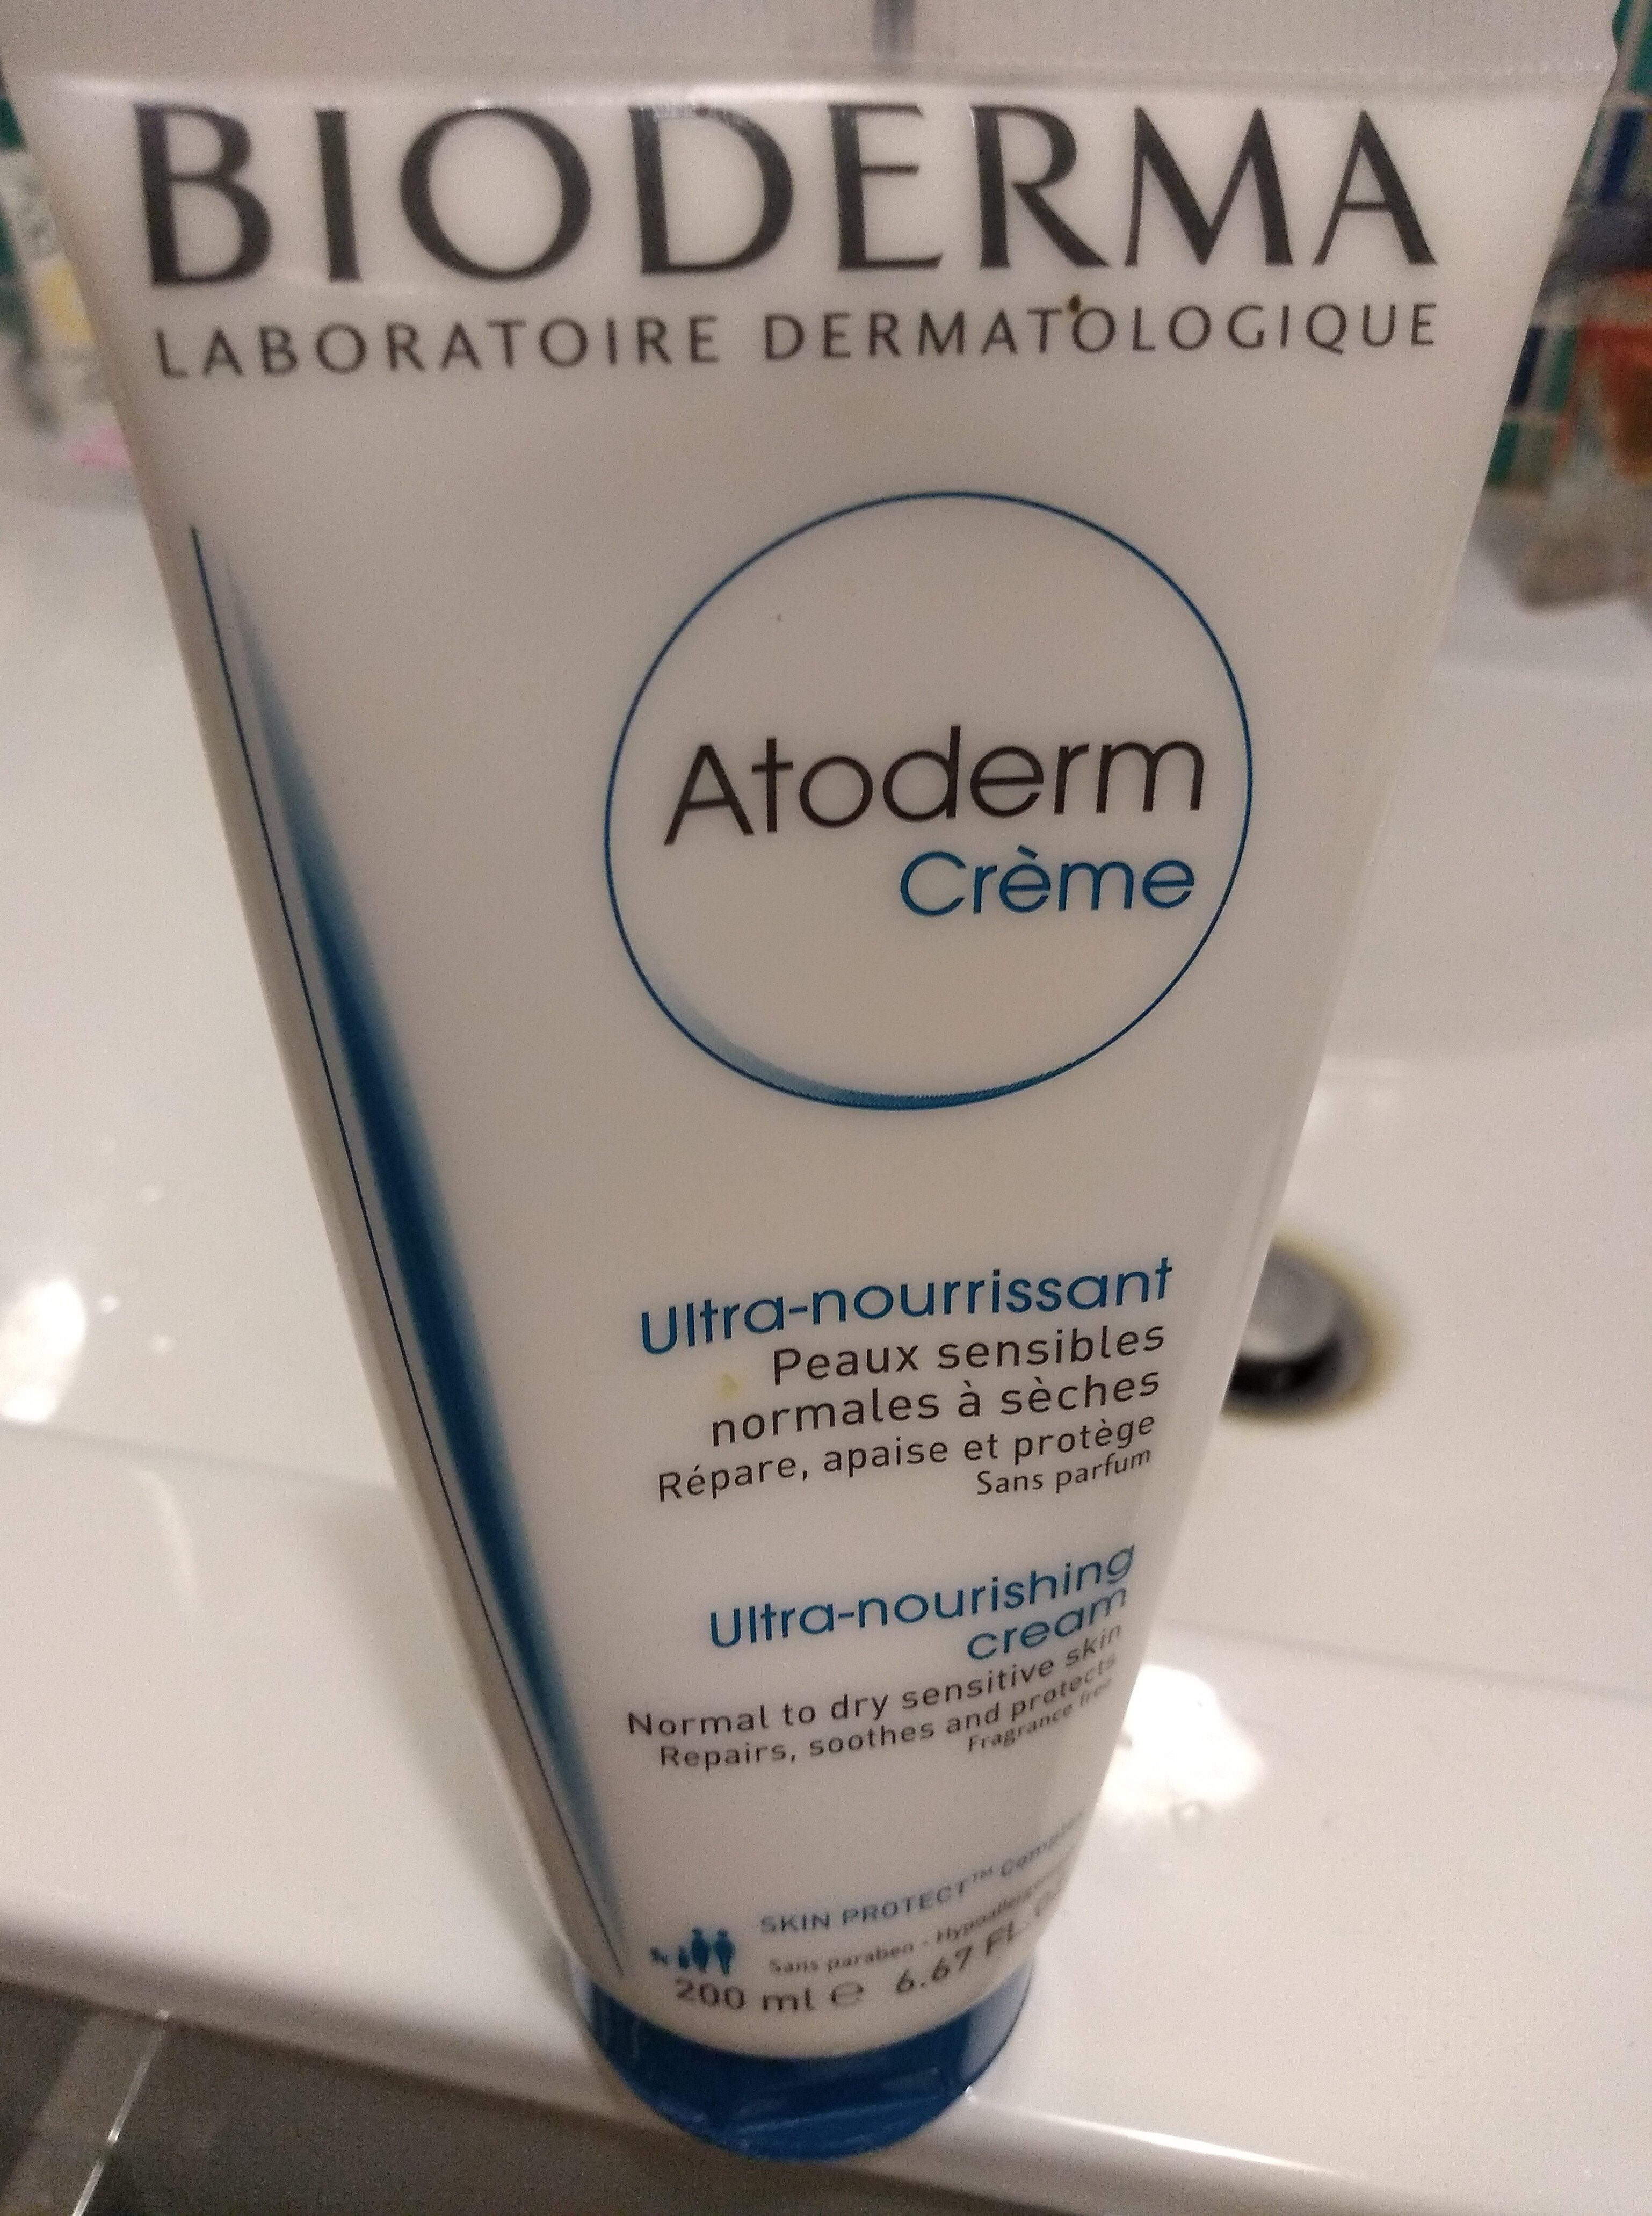 Atoderm crème - Product